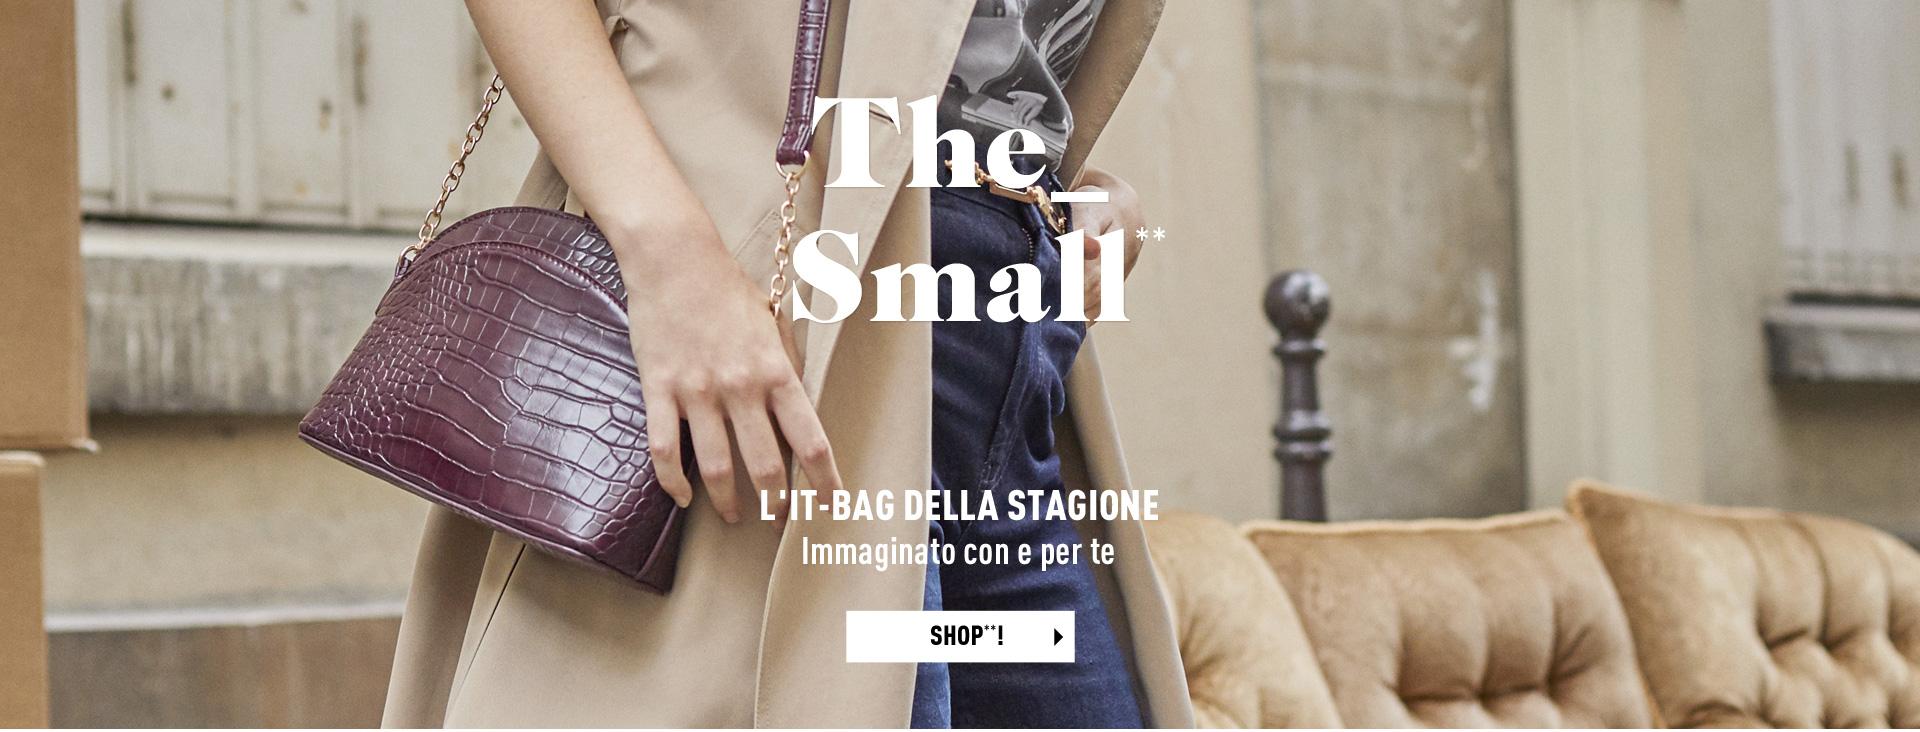 L'IT-BAG DELLA STAGIONE